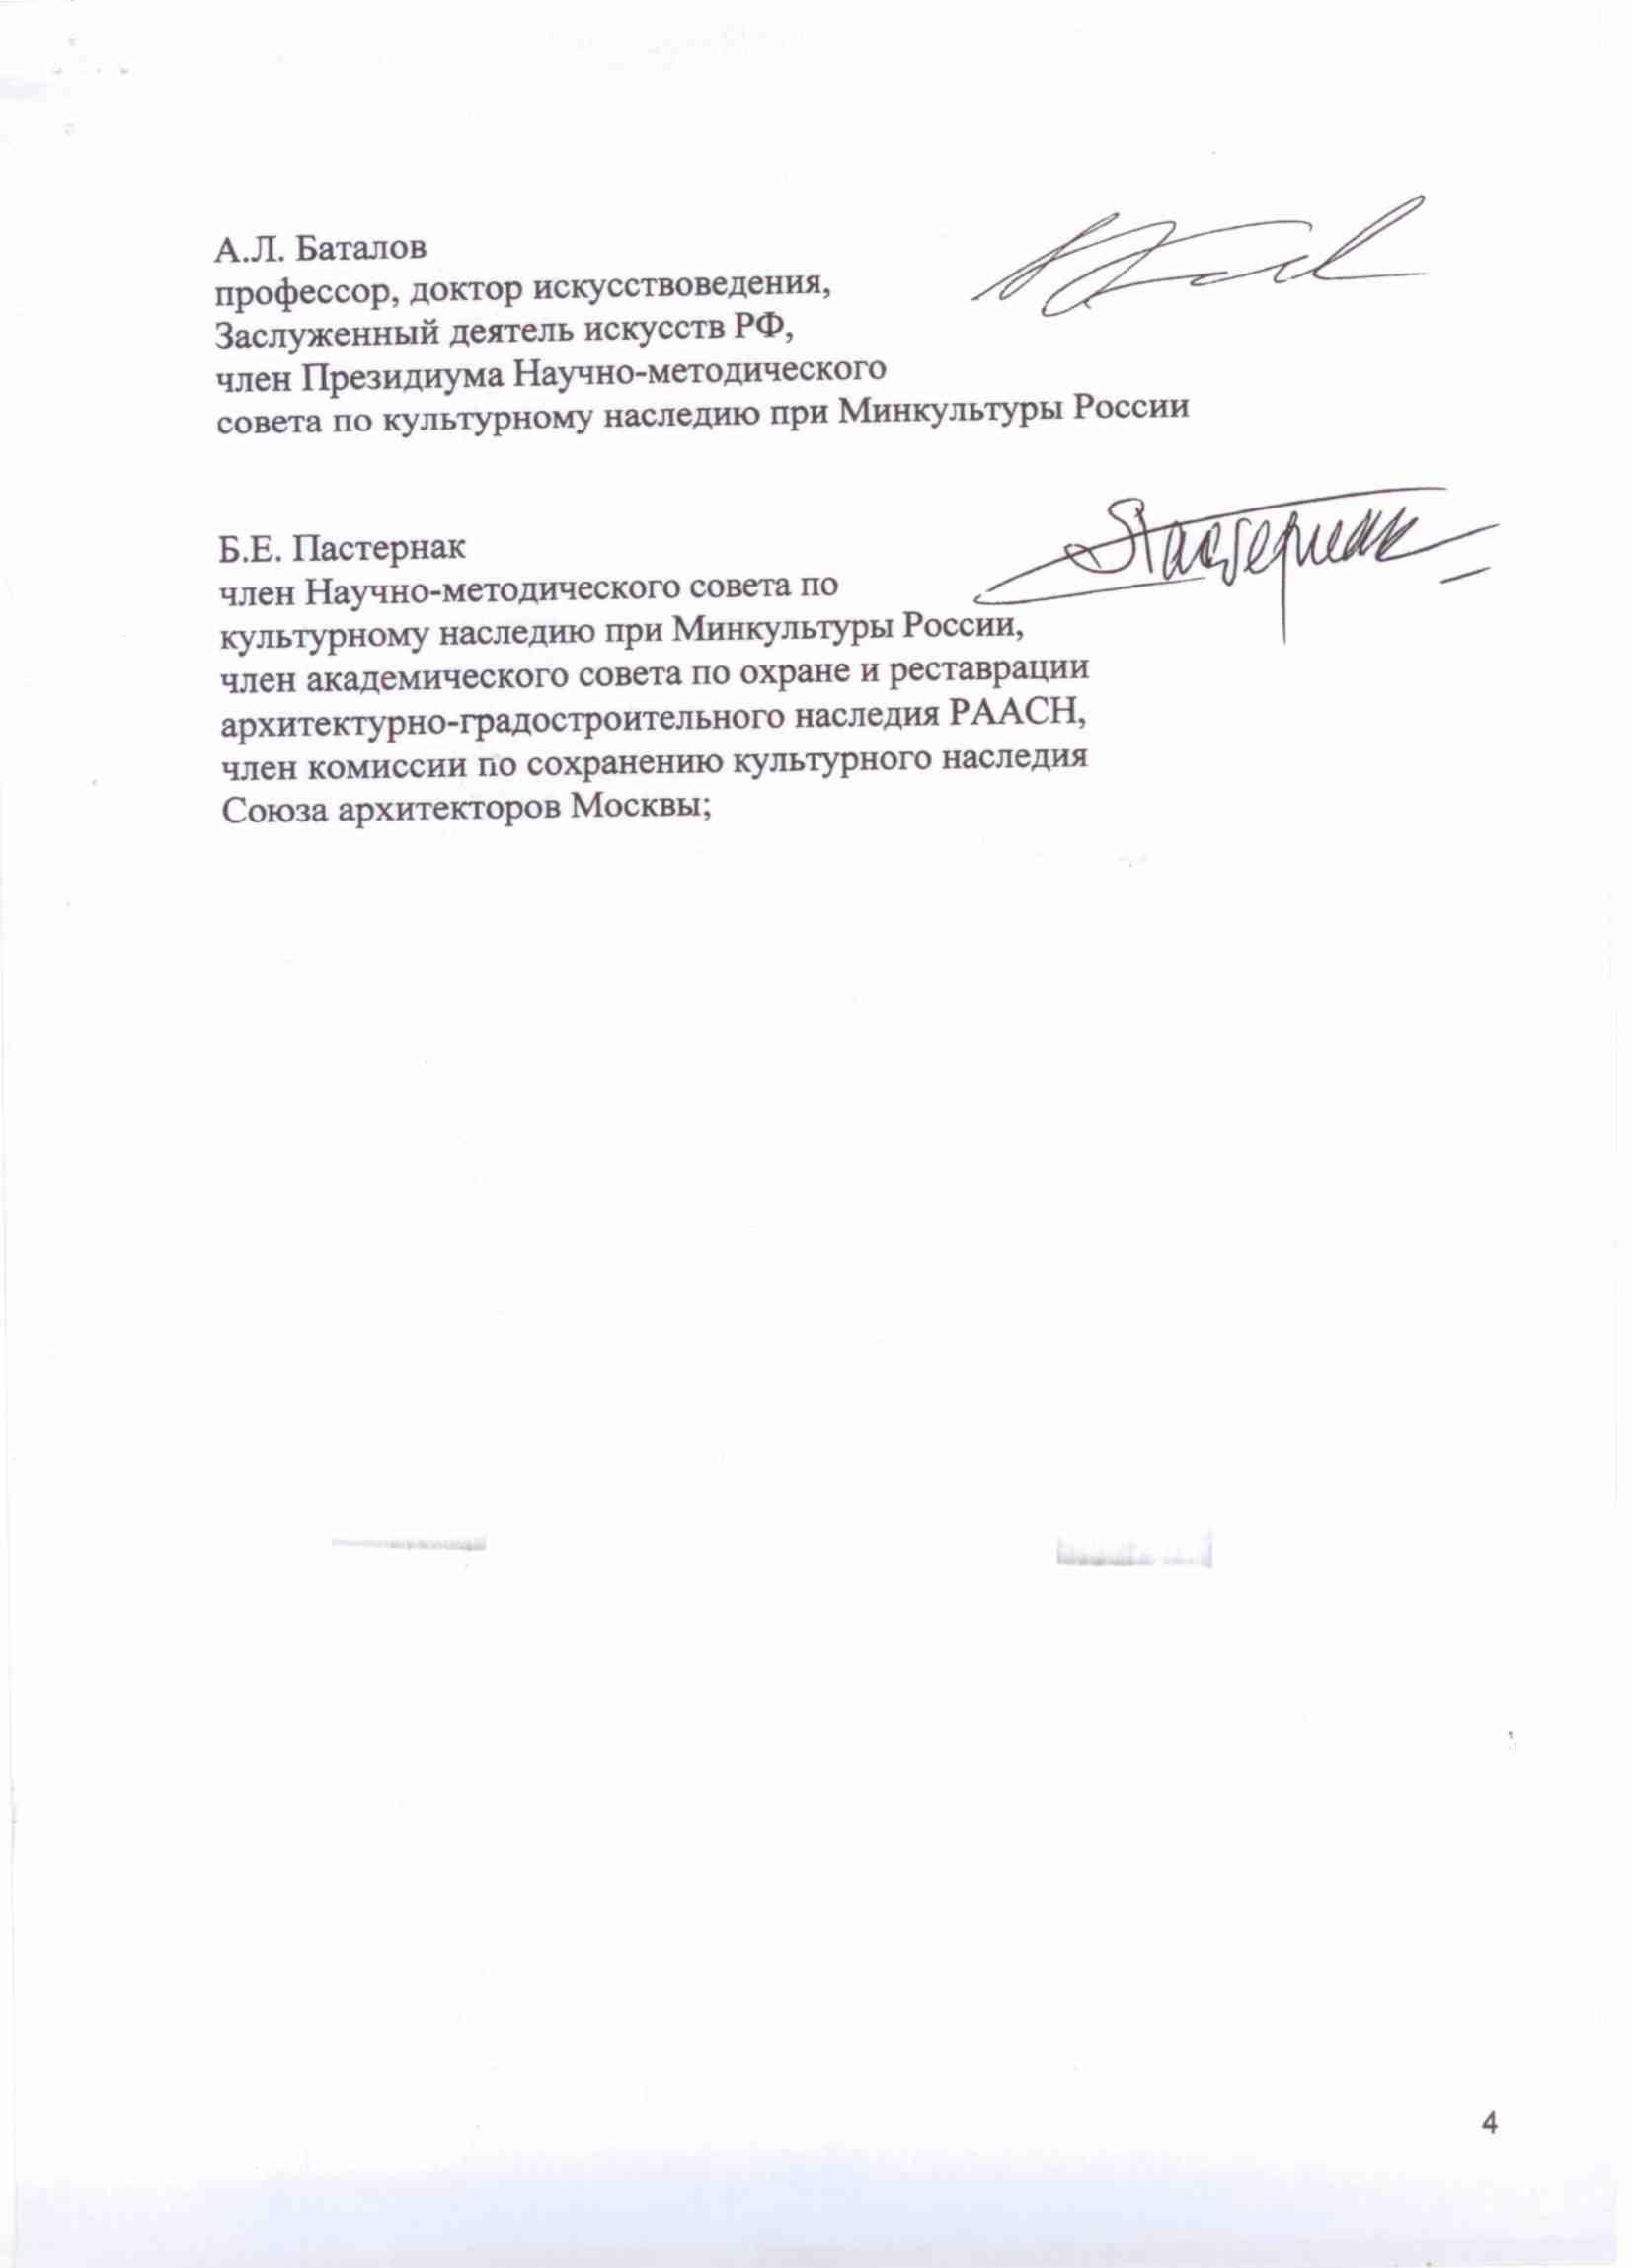 Zaklyuchenie-e`kspertov-str-4